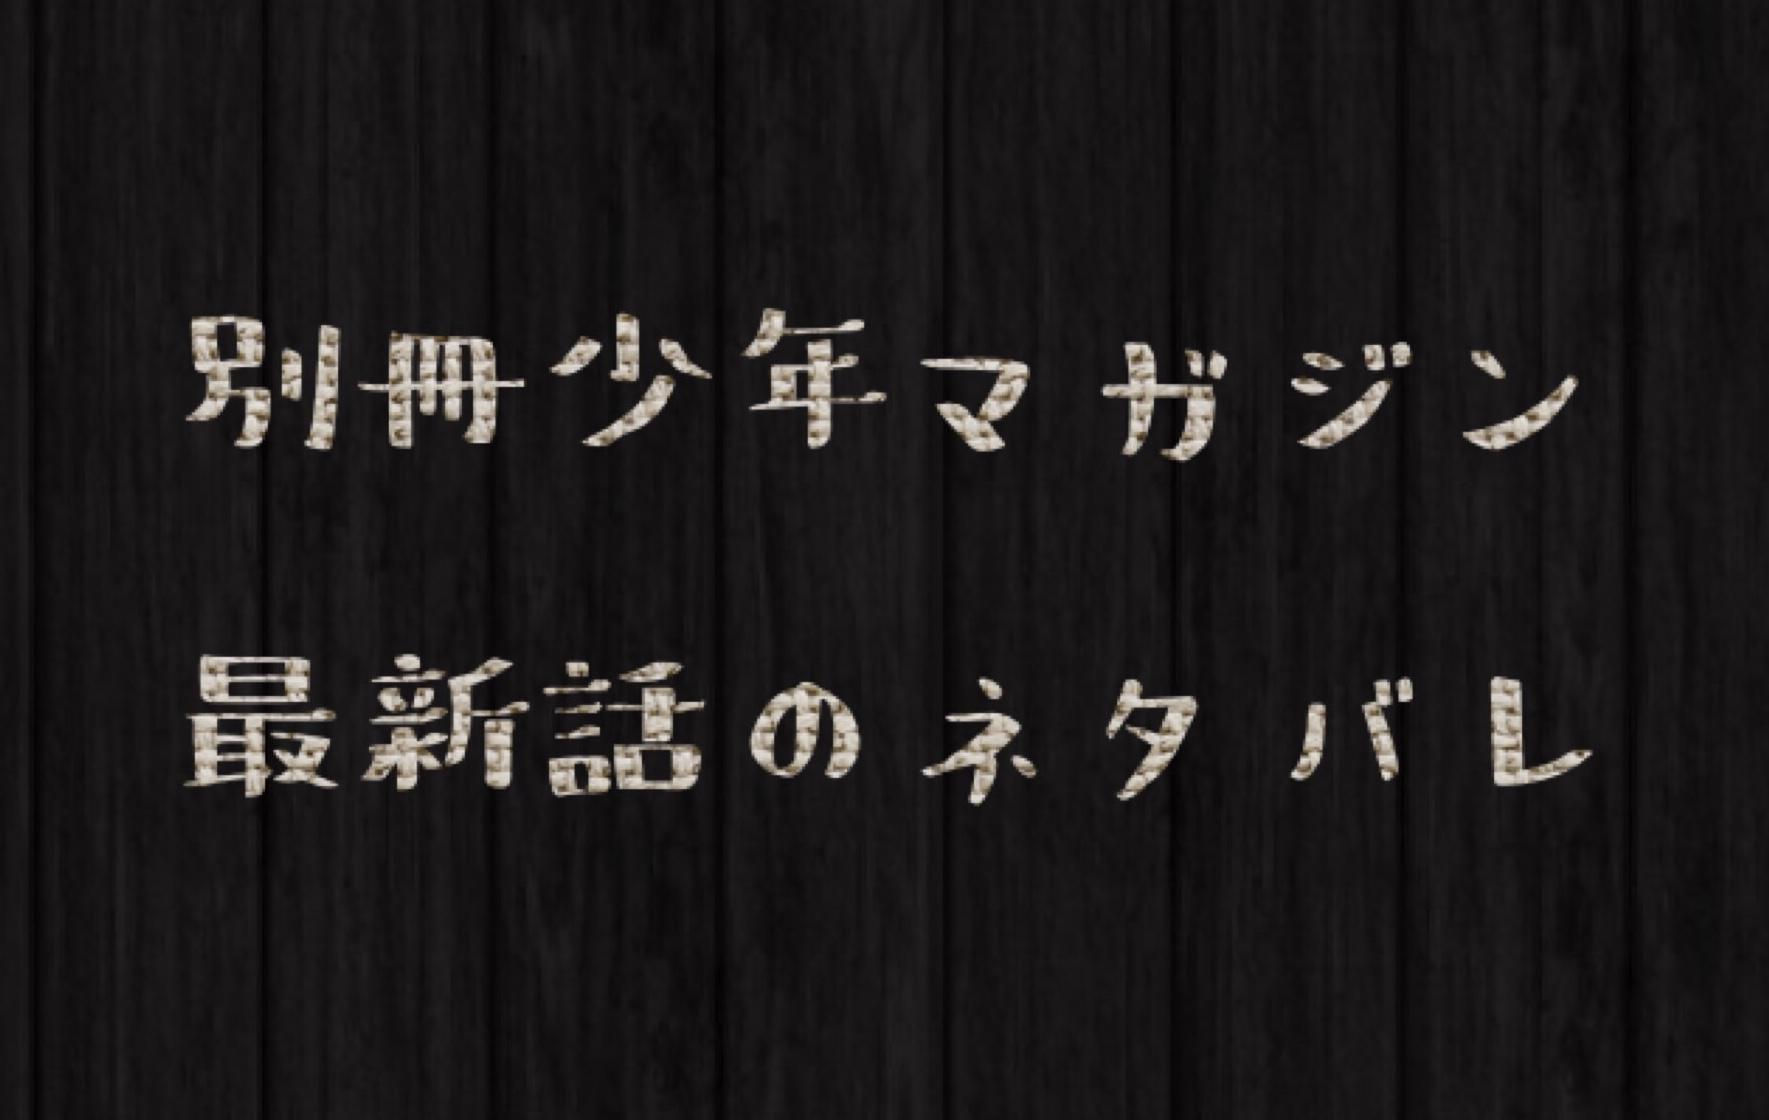 十字架のろくにん【最新第7話】本命 ネタバレと感想!